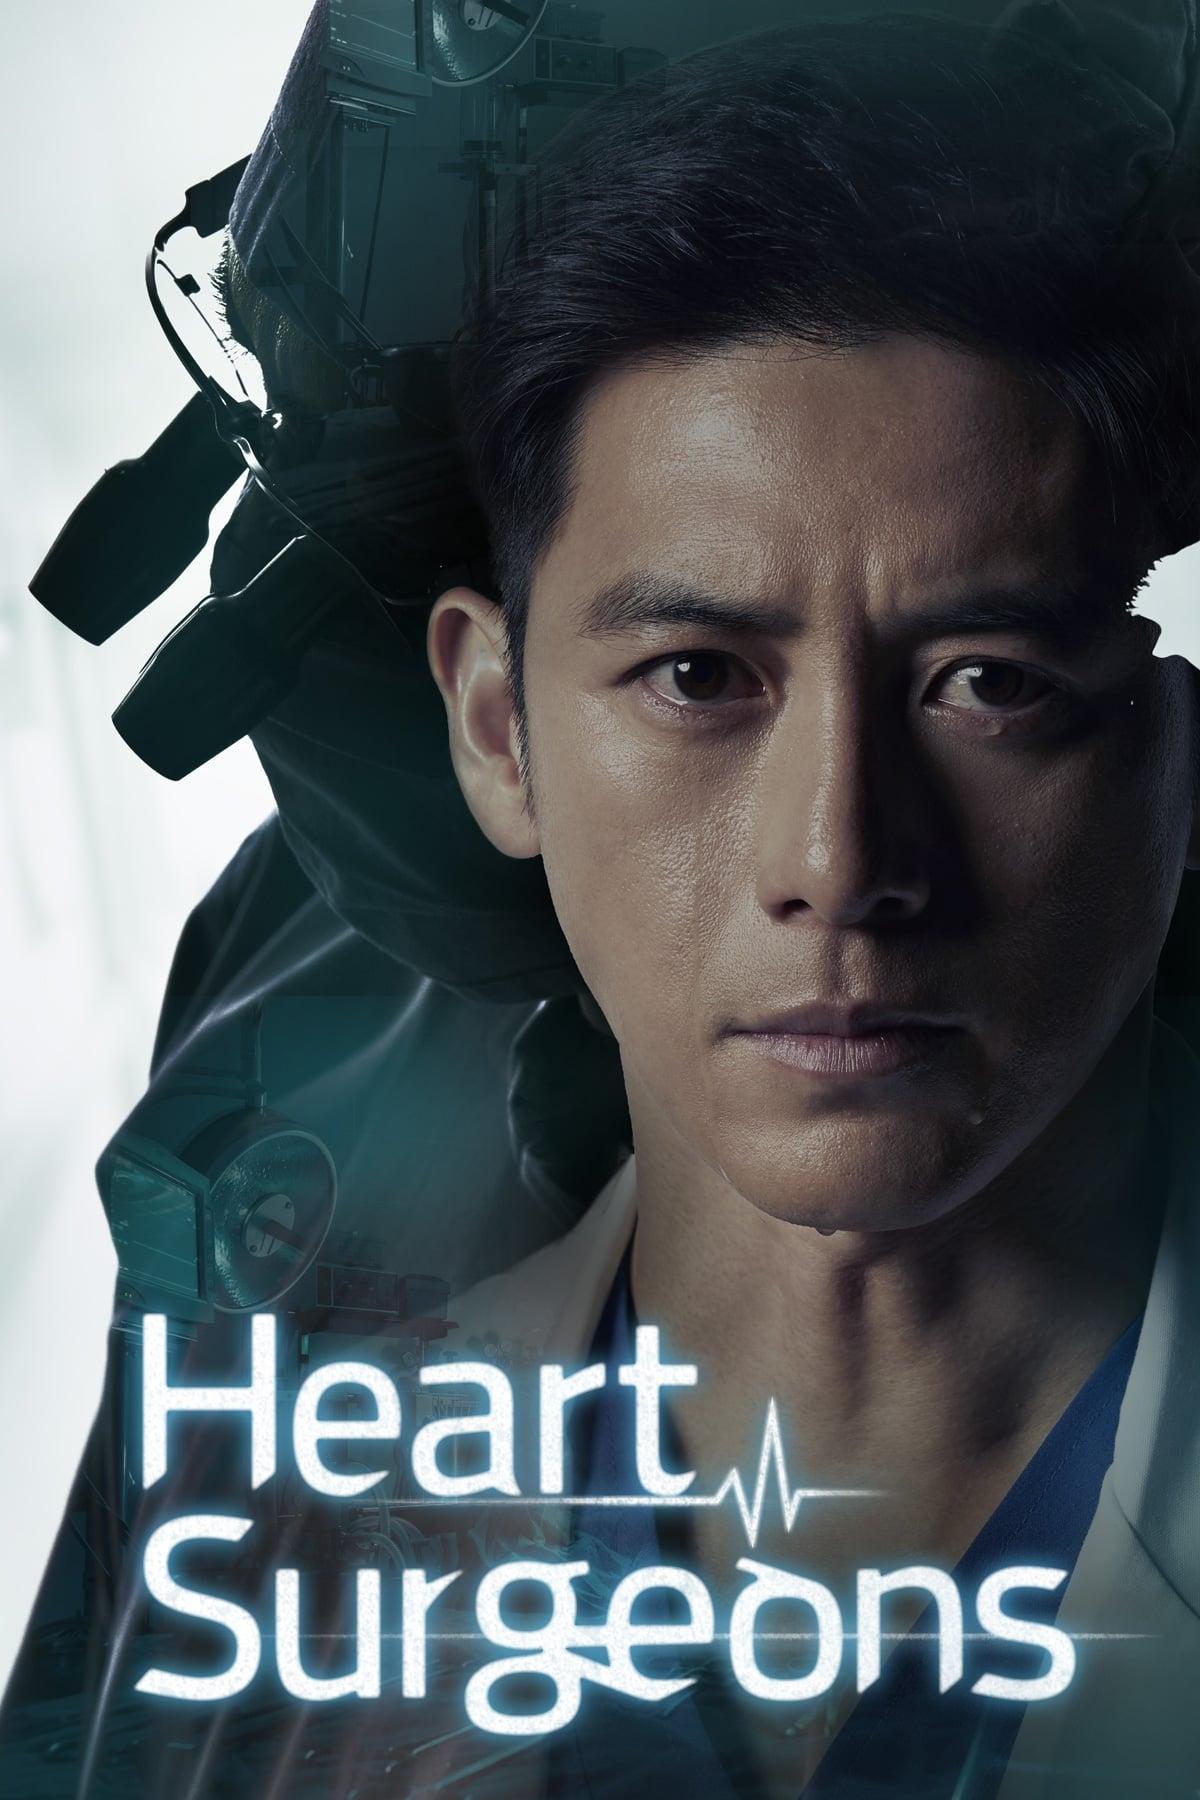 흉부외과:심장을 훔친 의사들 TV Shows About Hospital